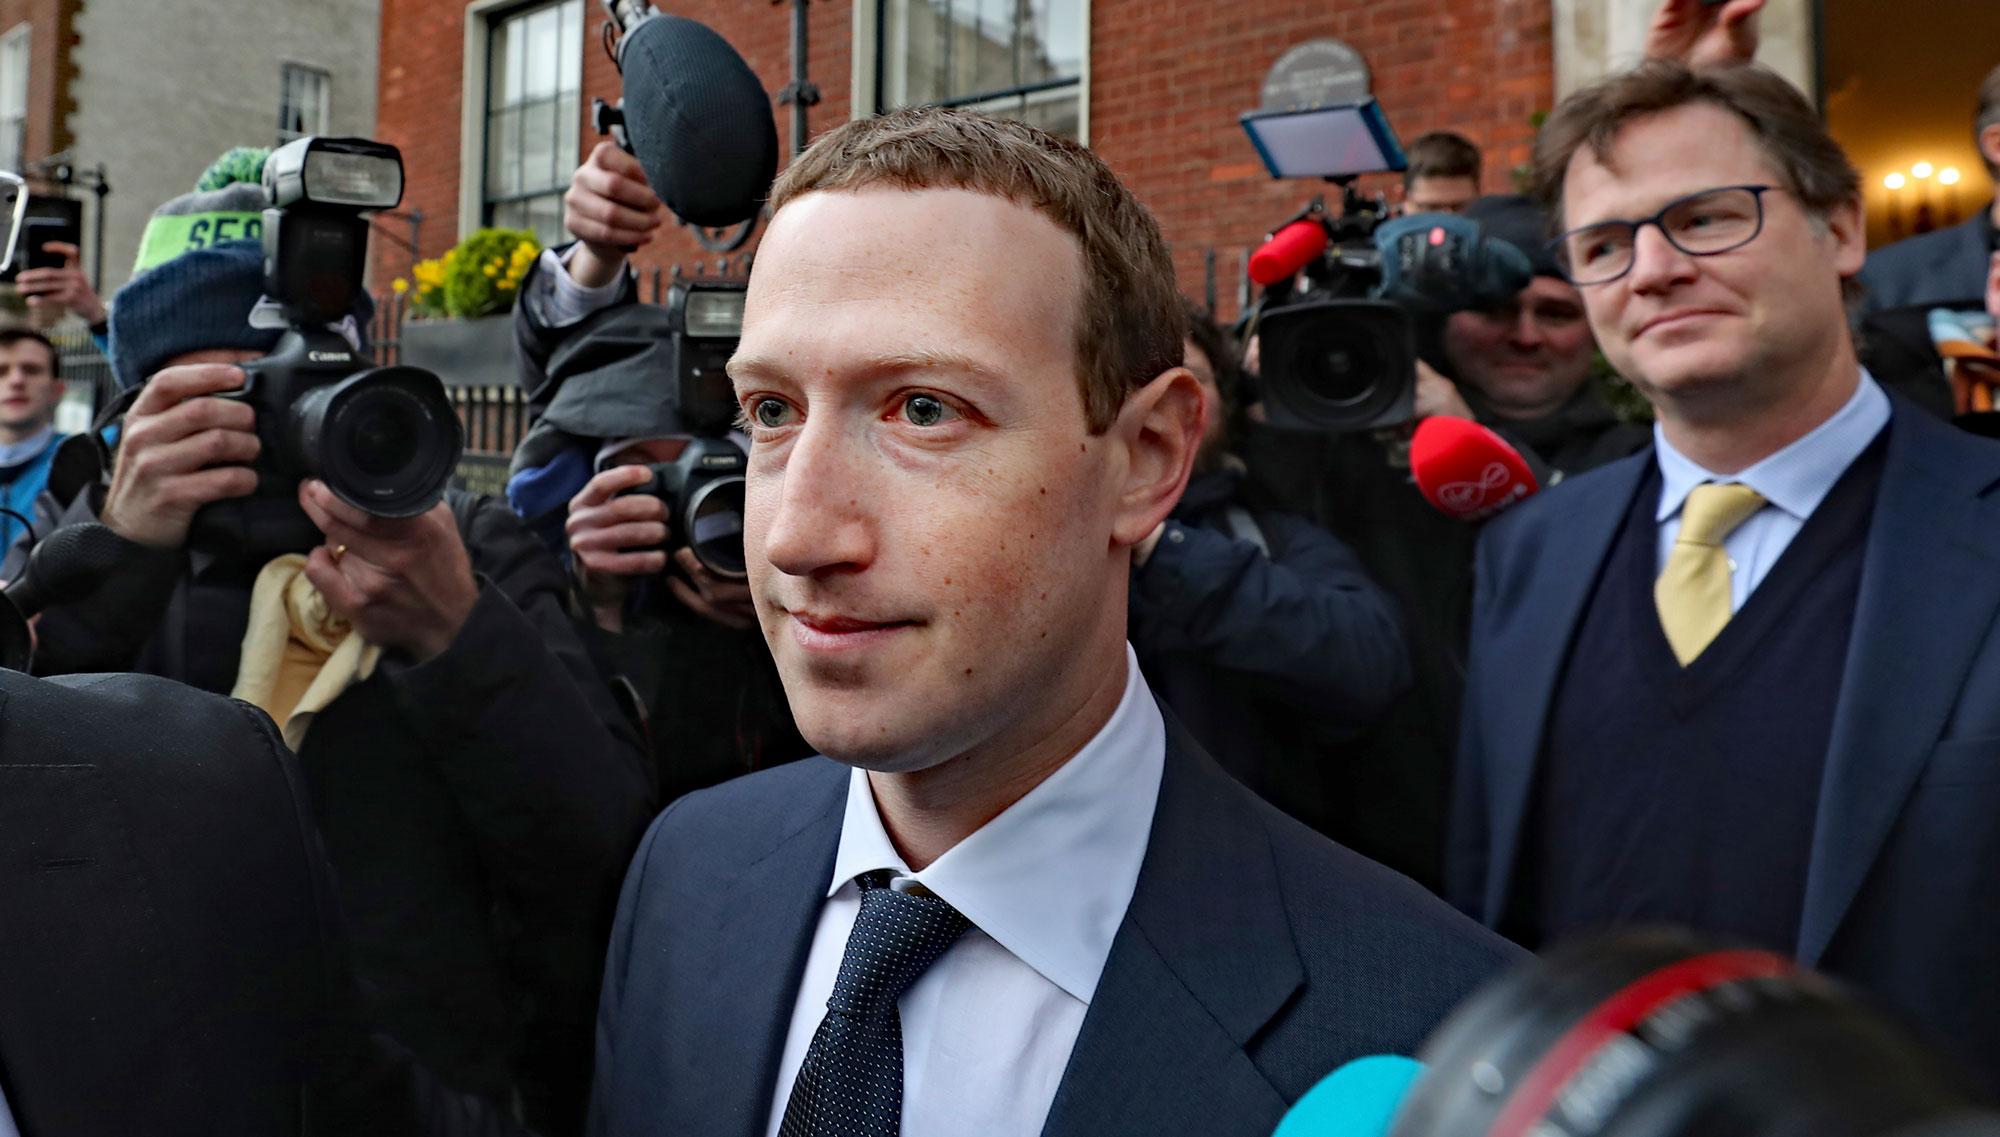 Mark Zuckerberg leaves a shareholder meeting